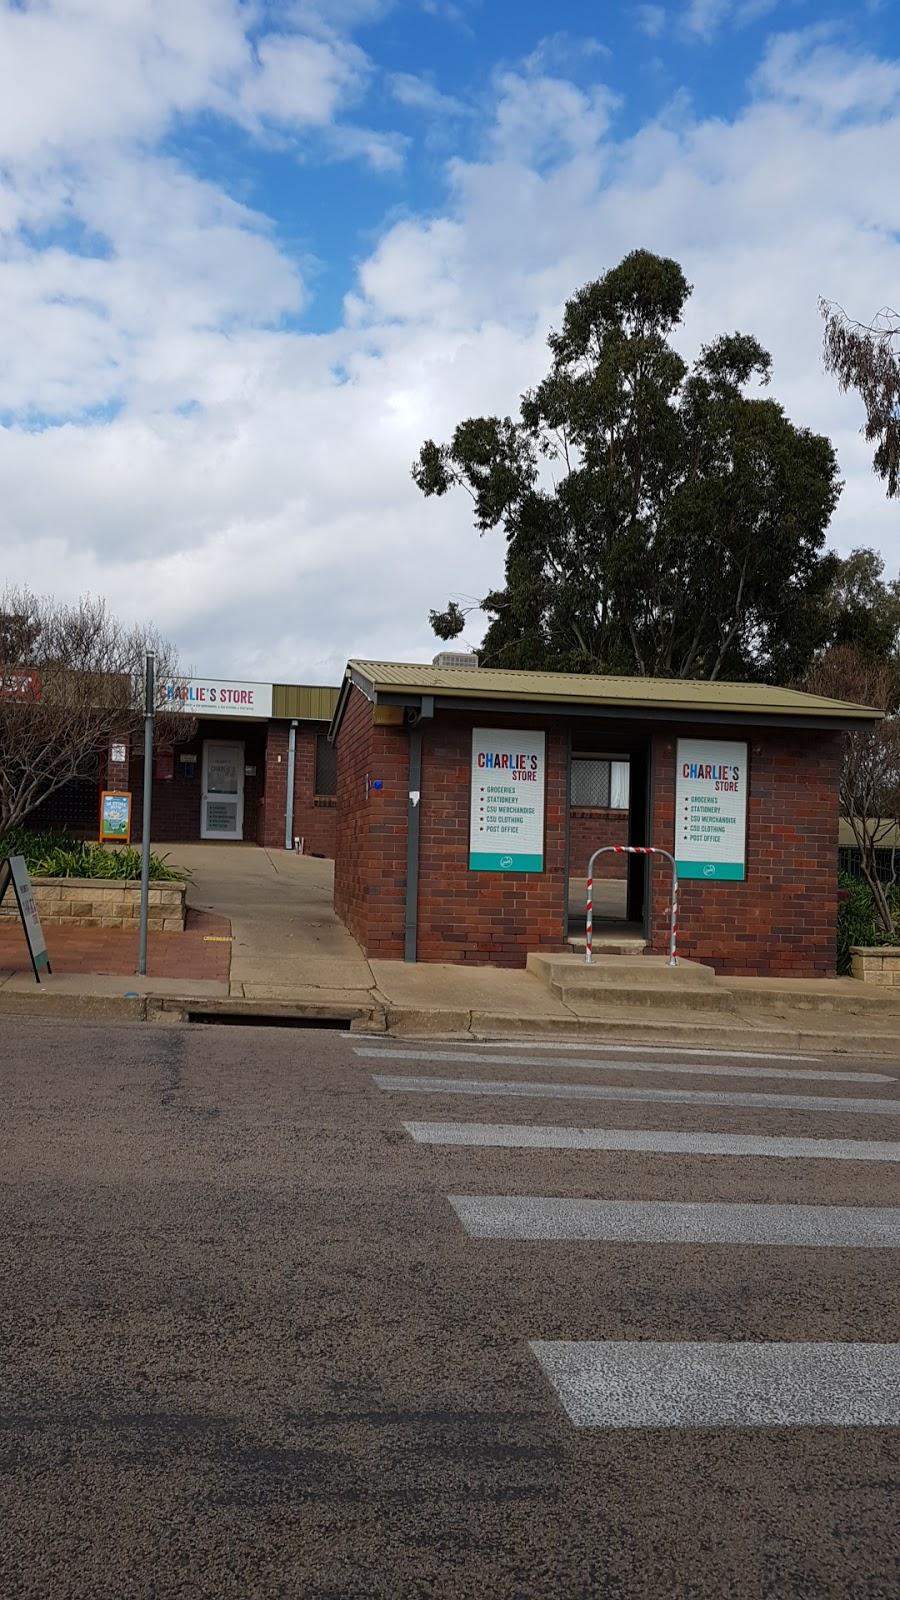 Charlies Store | store | Valder Way, Charles Sturt University NSW 2678, Australia | 0269334980 OR +61 2 6933 4980